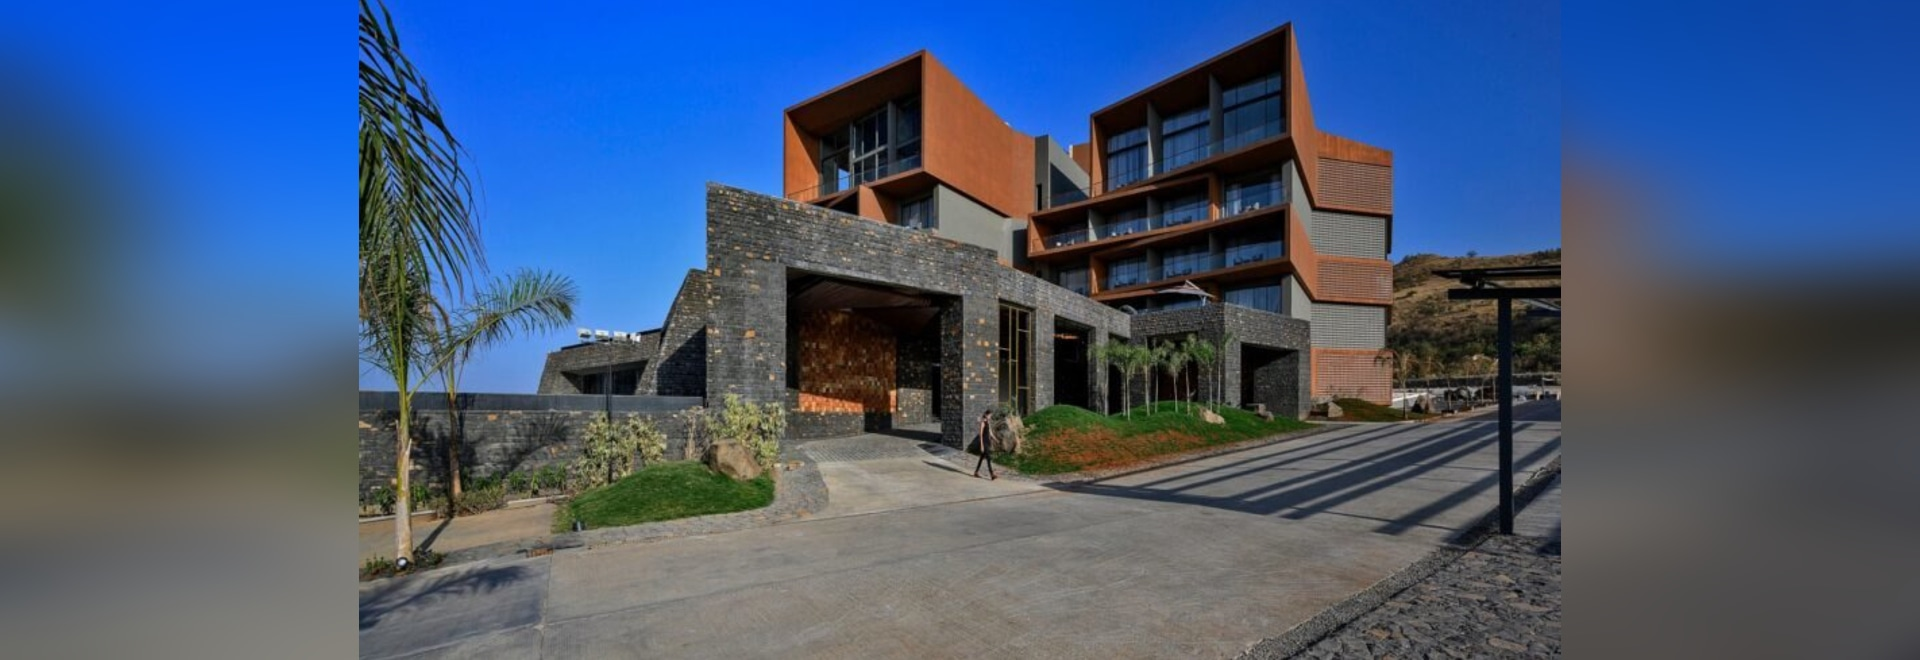 Apertura di un hotel a energia solare nella regione vinicola indiana